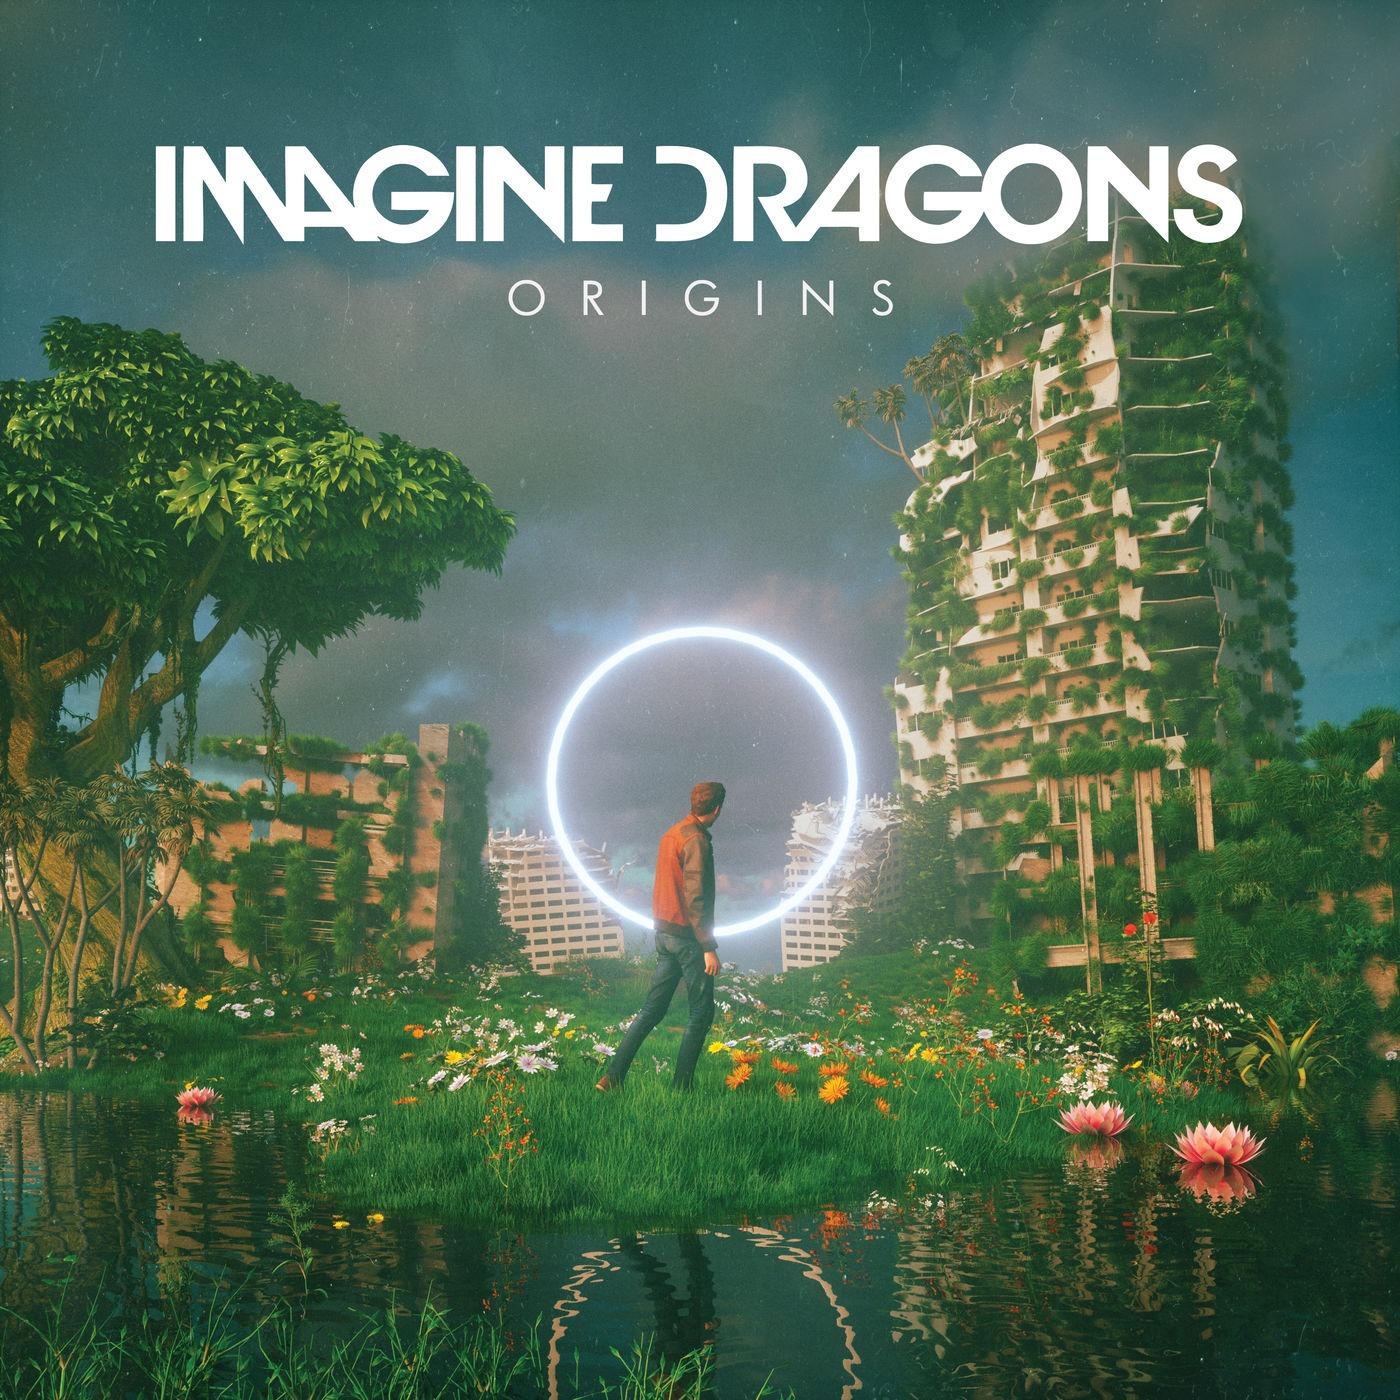 Imagine Dragons - Origins (Deluxe) [Album] [iTunes Plus AAC